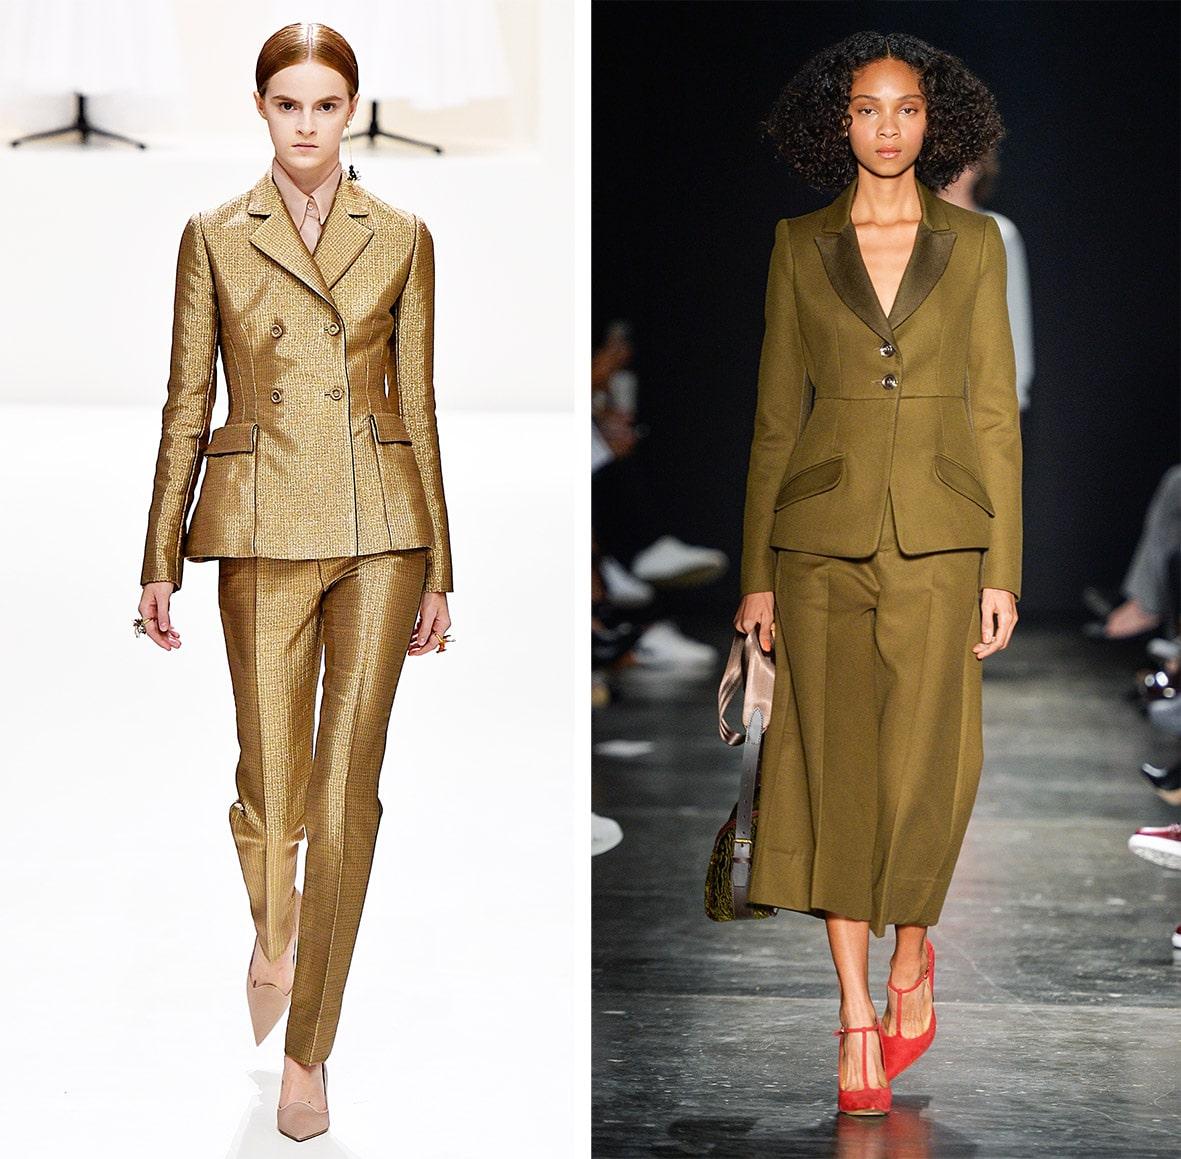 Das Foto zeigt Models auf dem Catwalk die Blazer tragen. Die Fotos dienen als Vorlage für den Schnitt auf dem Schnittmusterbogen